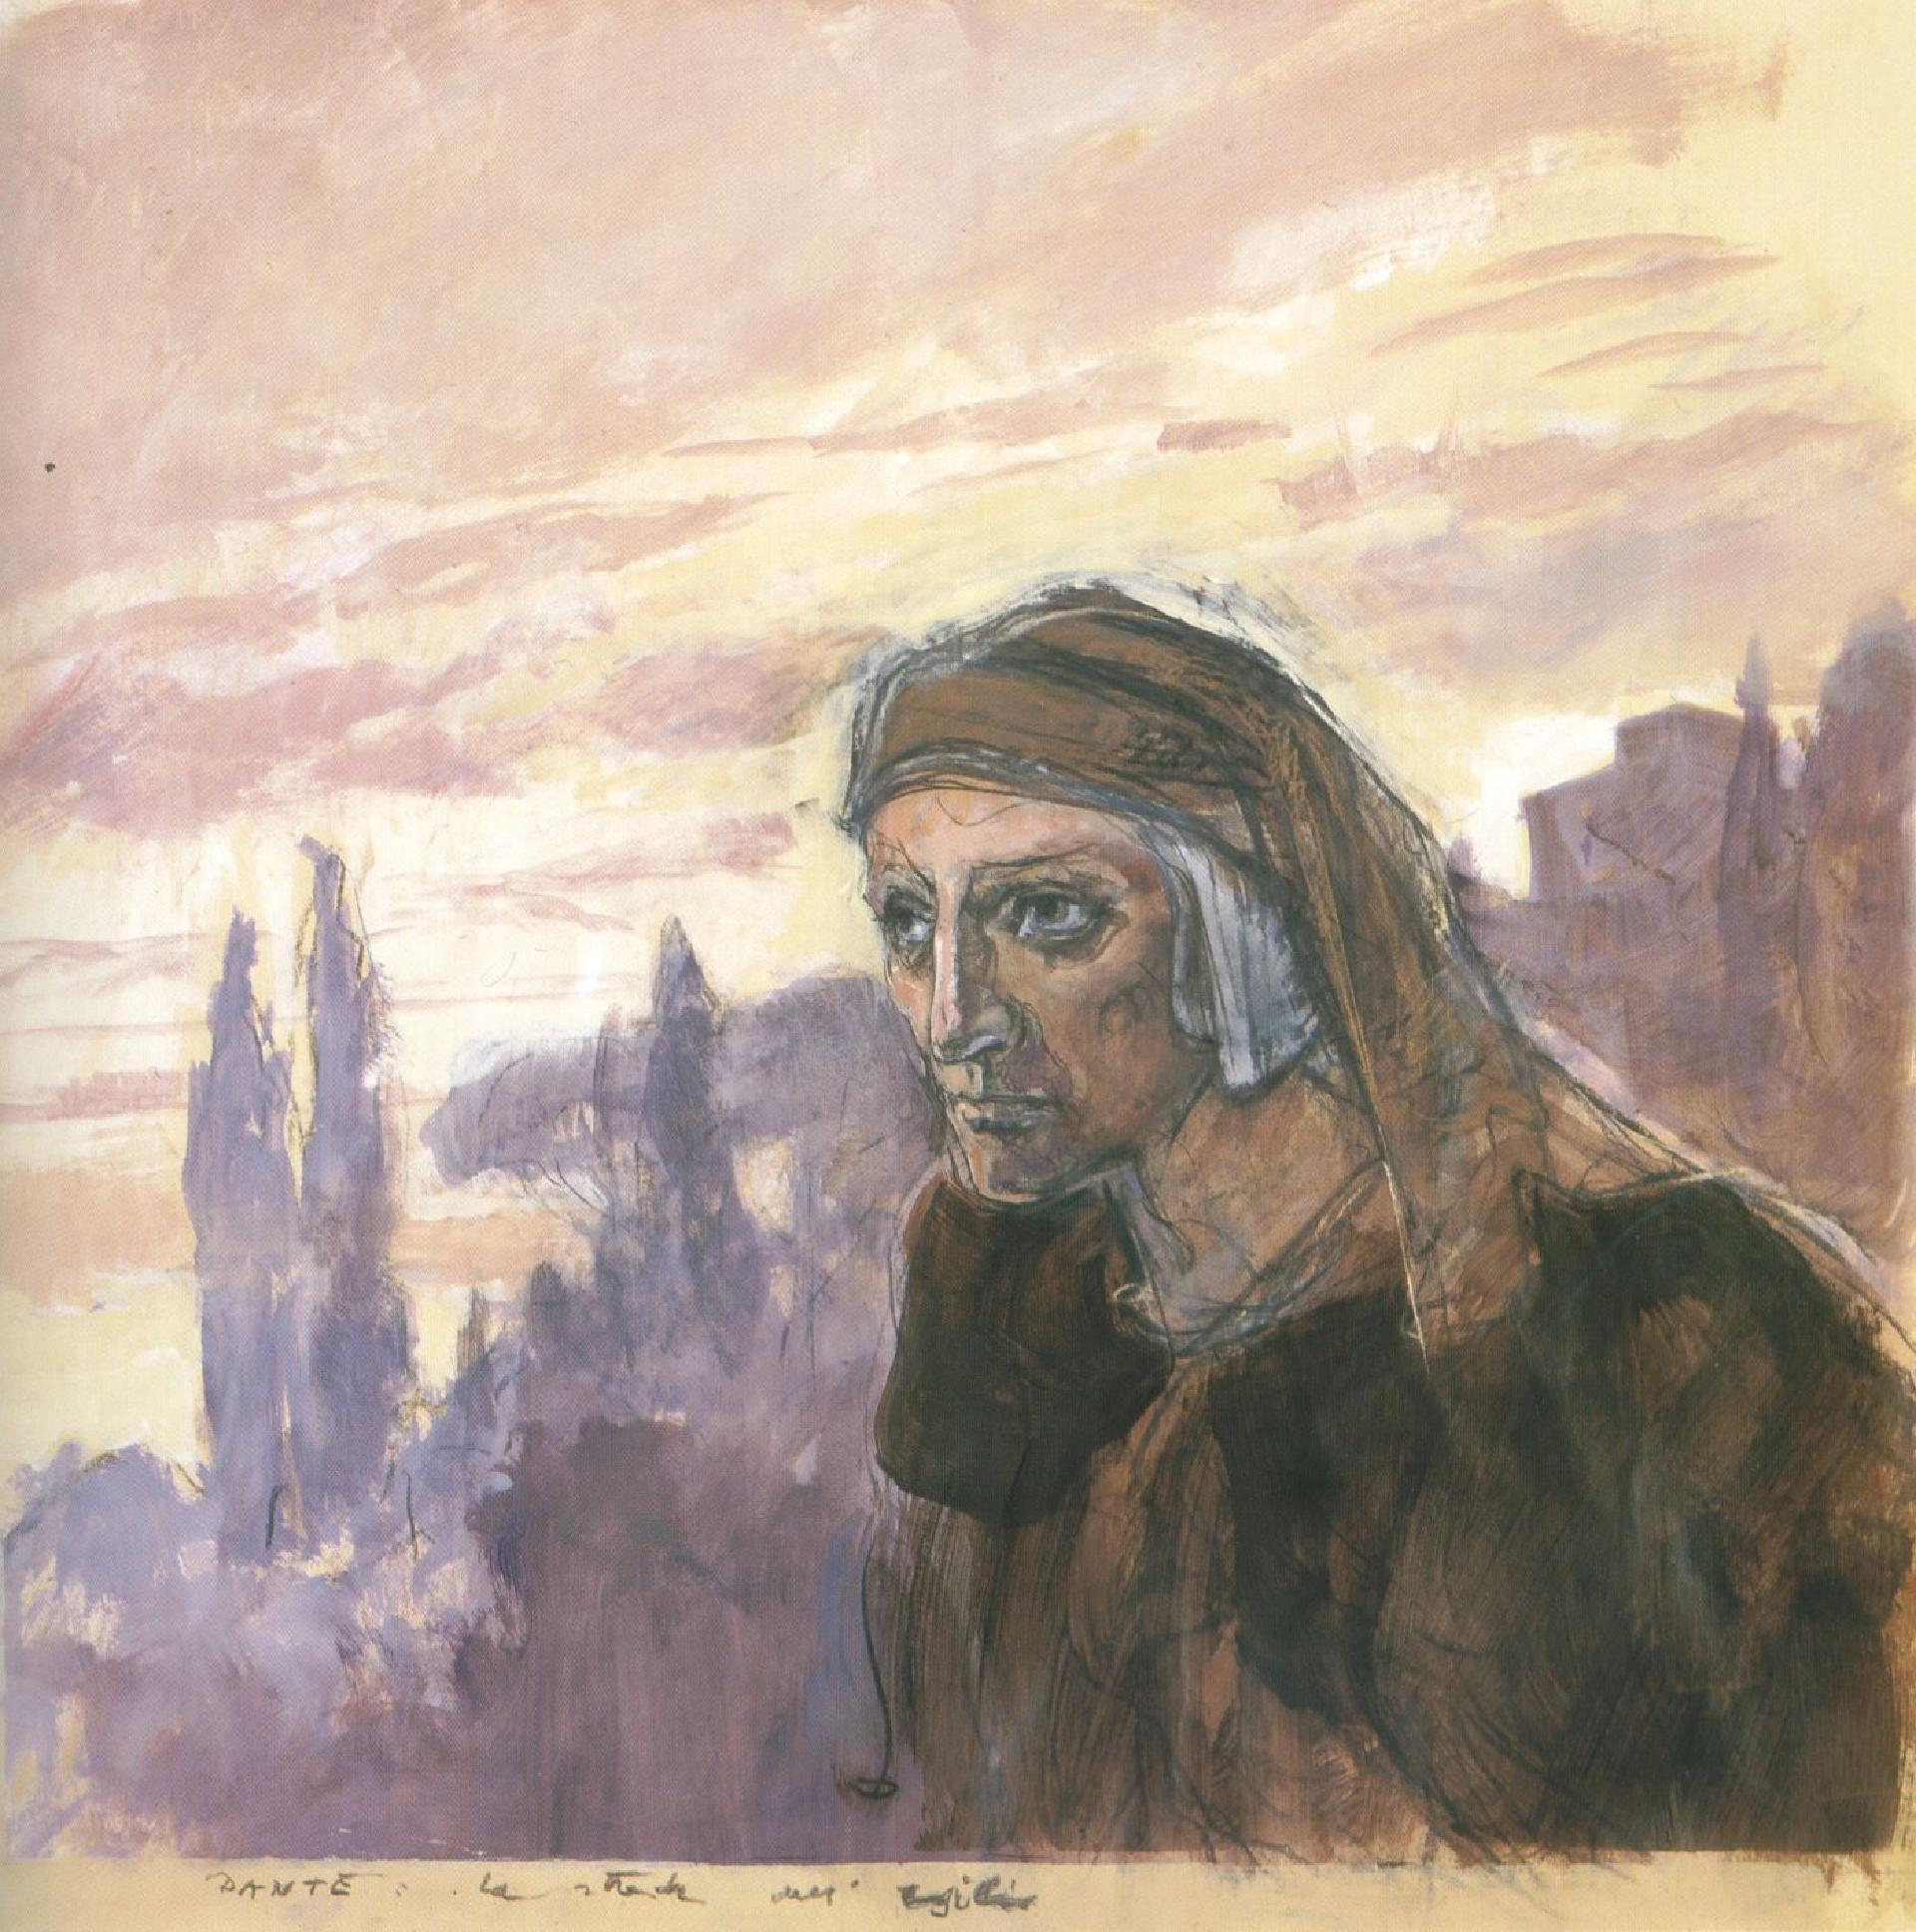 Alberto Sughi, Dante, la strada dell'esilio